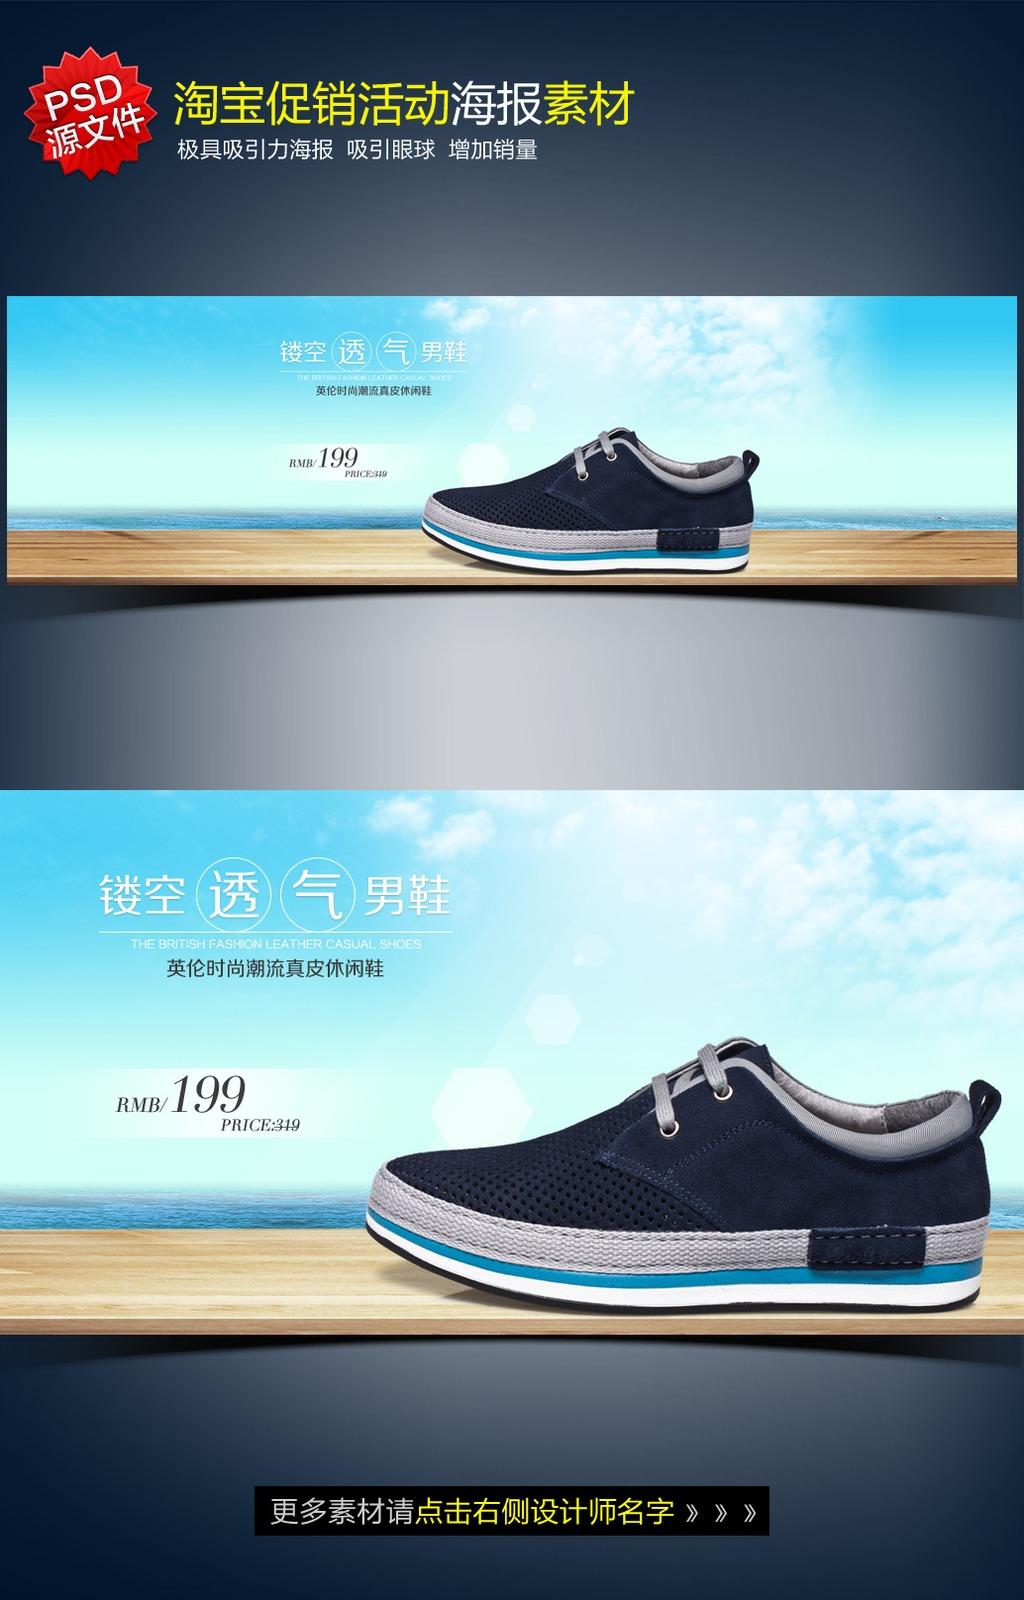 淘宝天猫男鞋凉鞋运动鞋休闲鞋海报模板